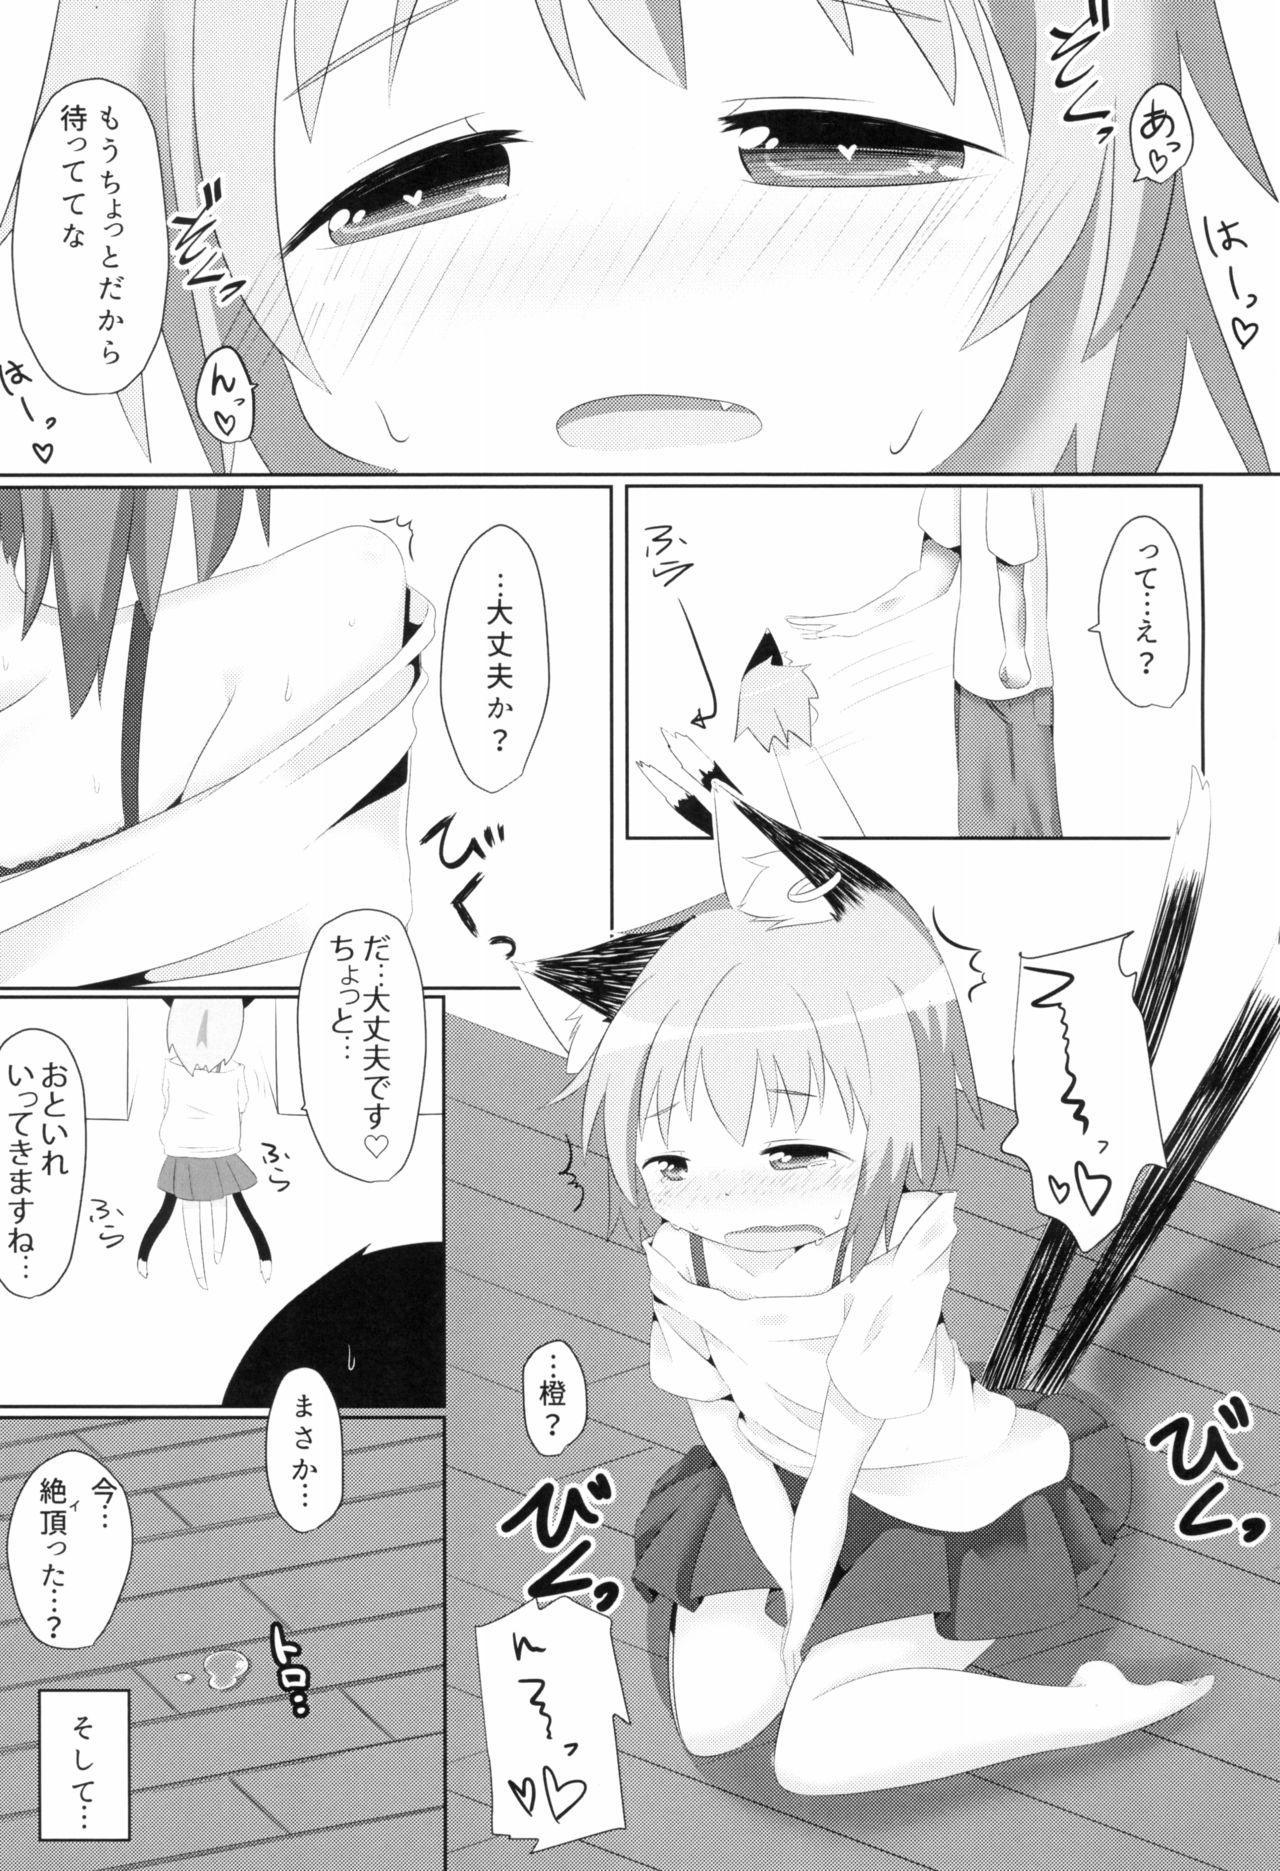 Koneko no Shinkon 16